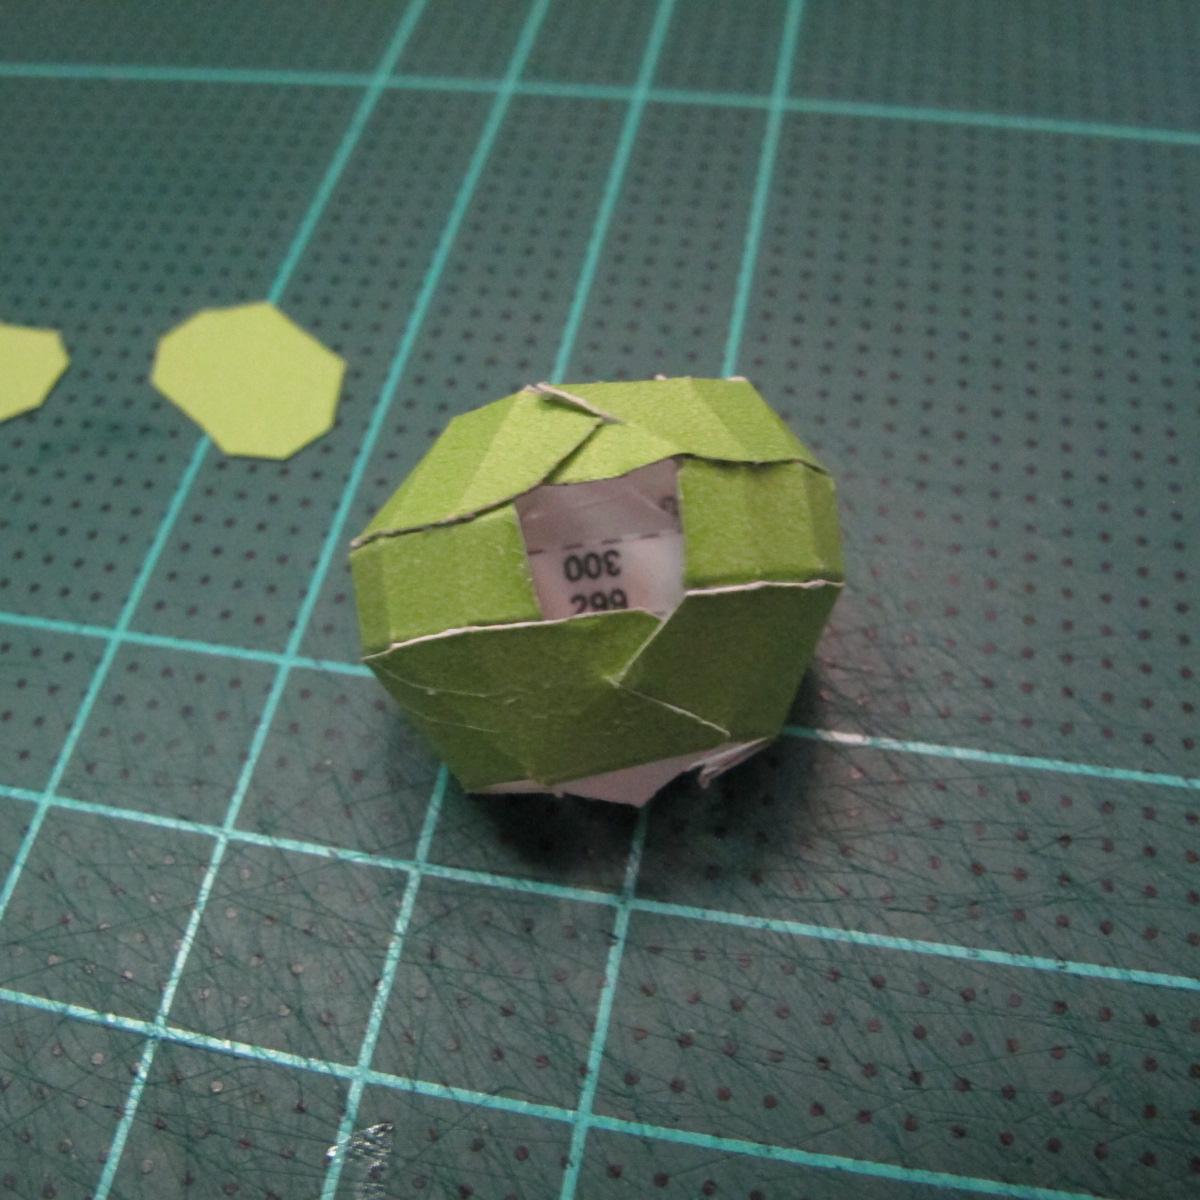 วิธีทำโมเดลกระดาษคุกกี้รสคุกกี้แอนด์ครีม  (Cookie Run Cream Cookie Papercraft Model) 016